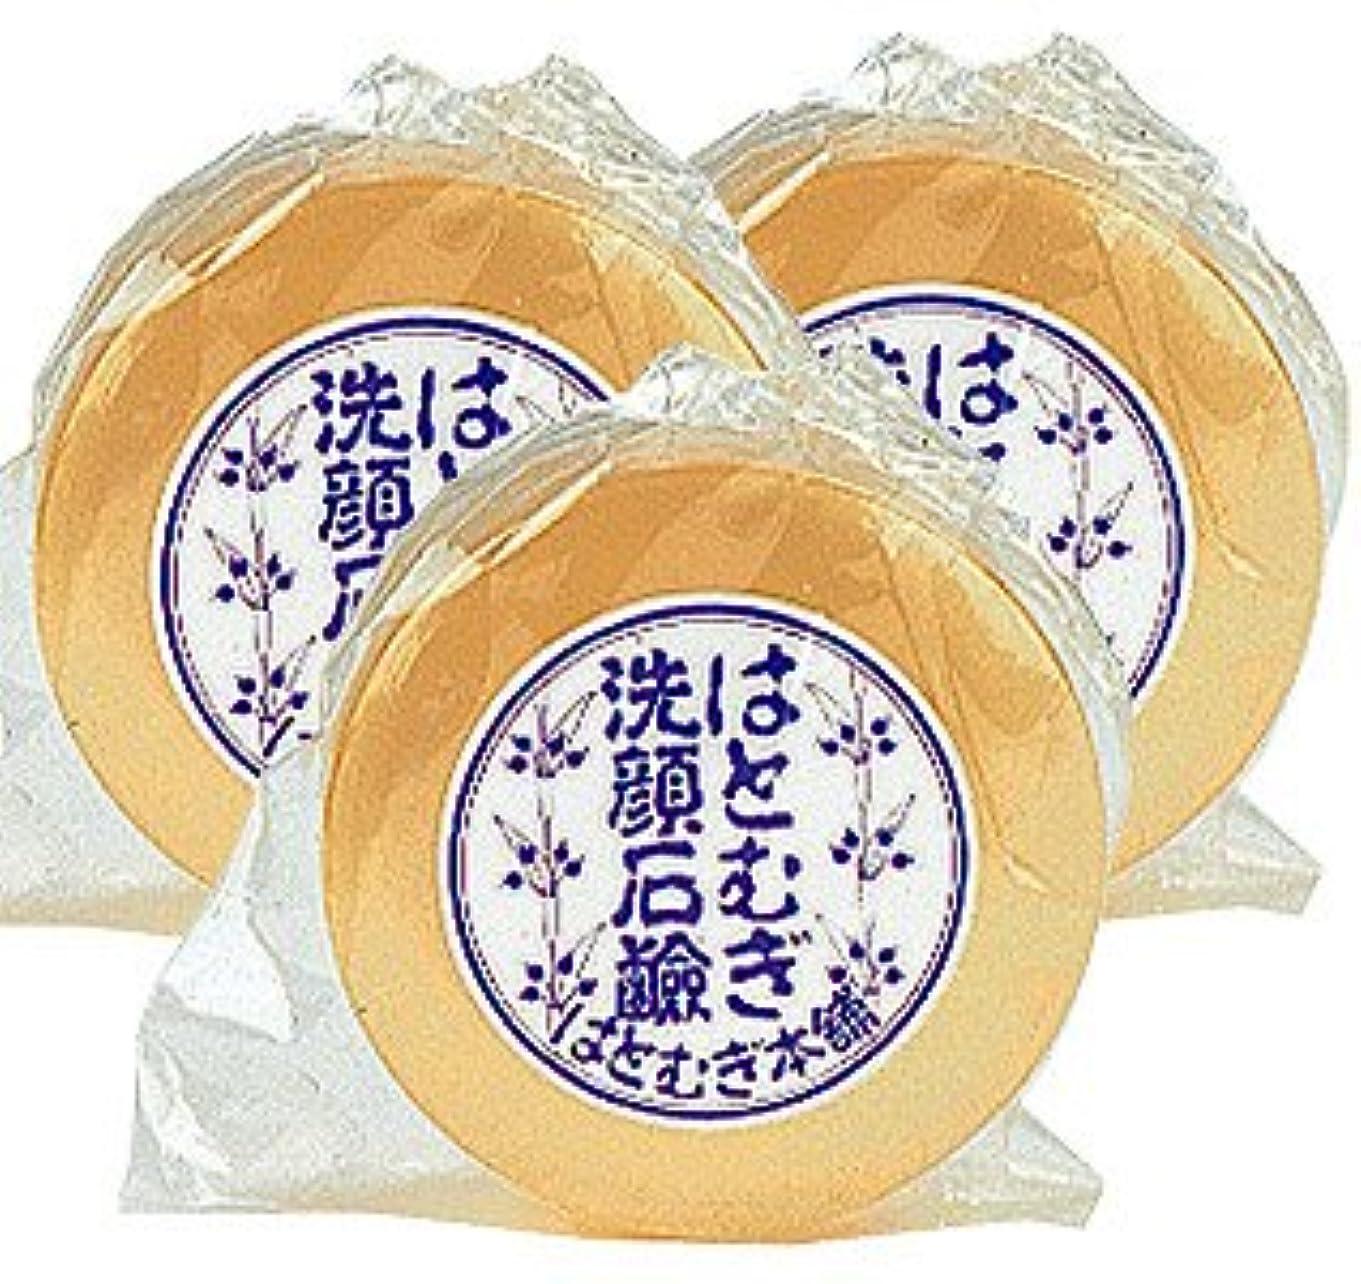 豪華なスリルスリルはとむぎ洗顔石鹸 100g【3本セット】皇漢薬品研究所